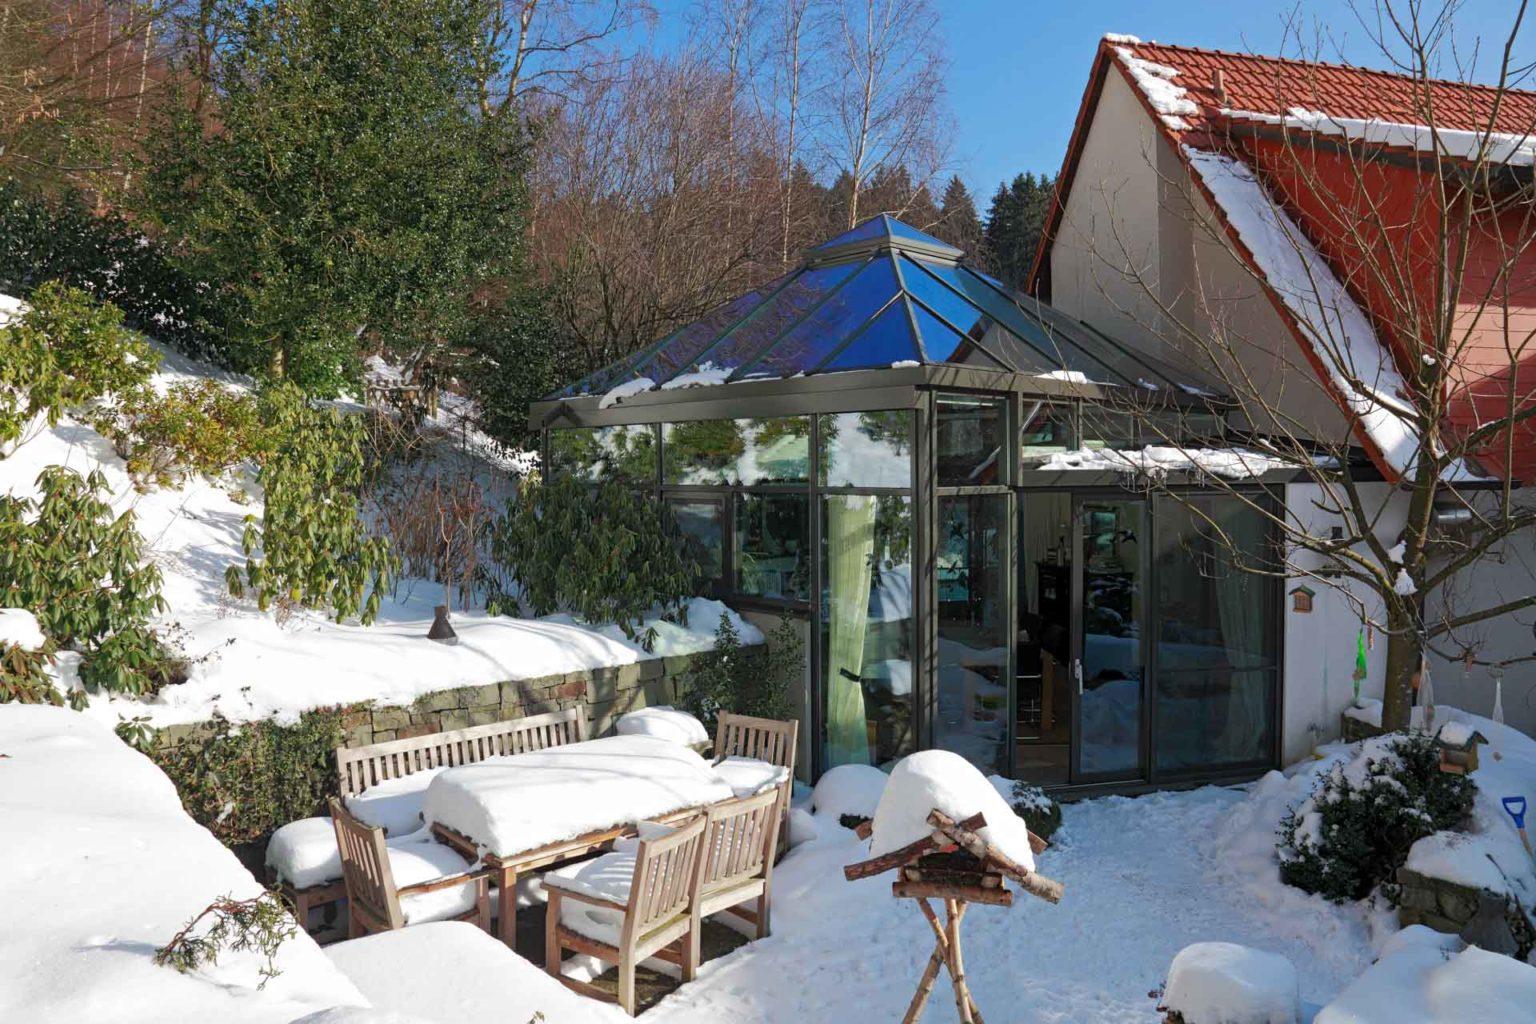 Wintergarten im Winter in Plettenberg (Objekt 1059). Gemütlicher Wintergarten im Winter